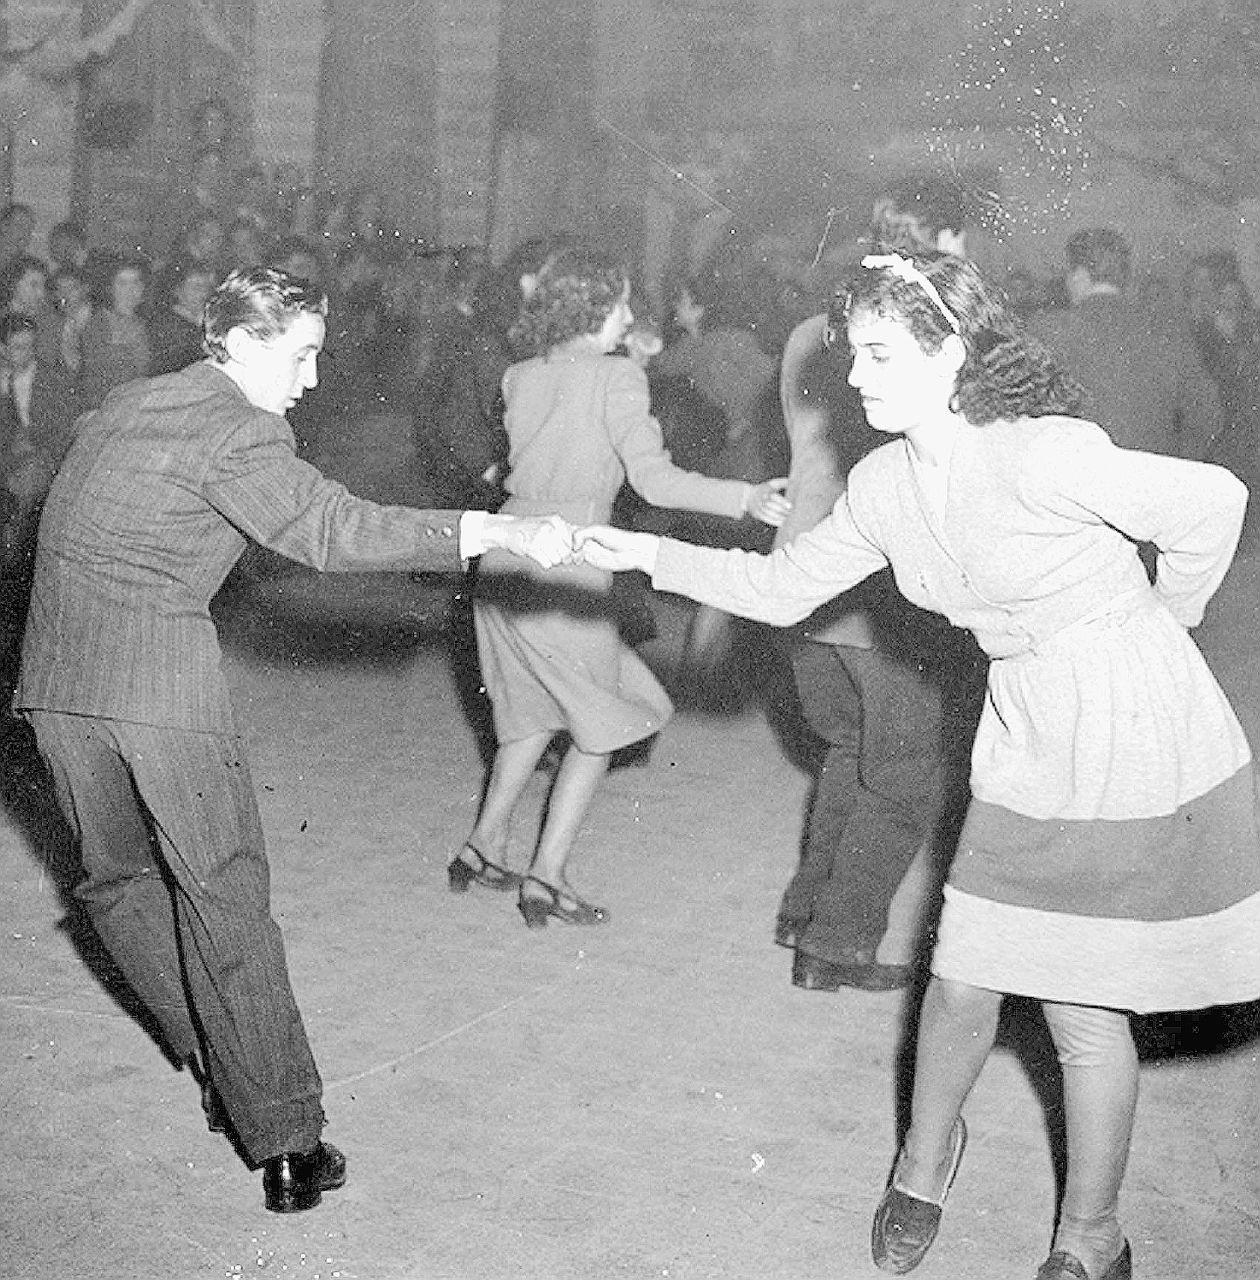 Il 1946 del Boogie Woogie e dei veri Costituenti aiutati dallo Spirito santo